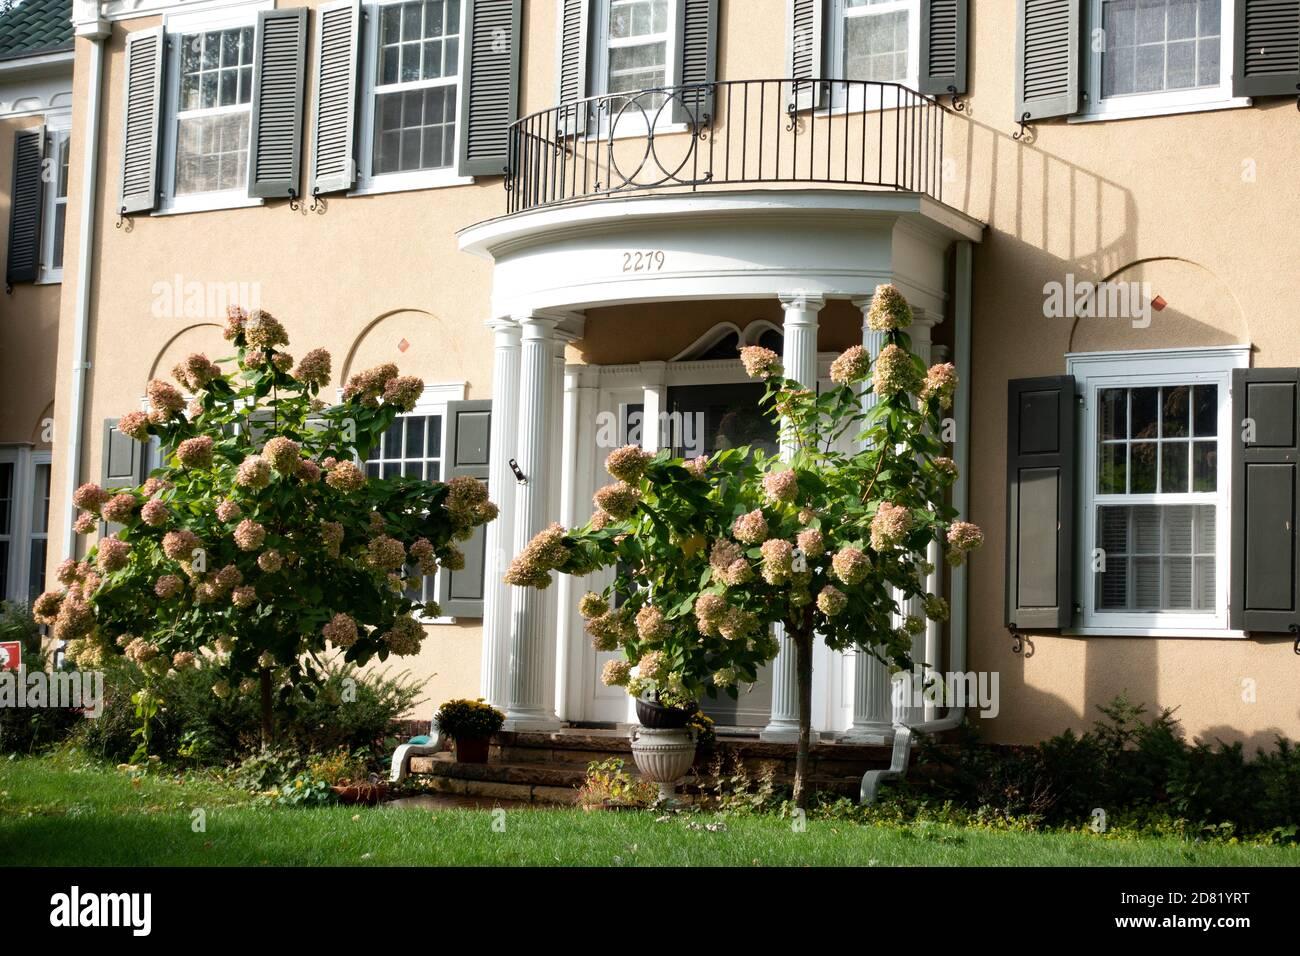 Entrée à la maison avec des buissons d'hortensias roses. St Paul Minnesota MN États-Unis Banque D'Images